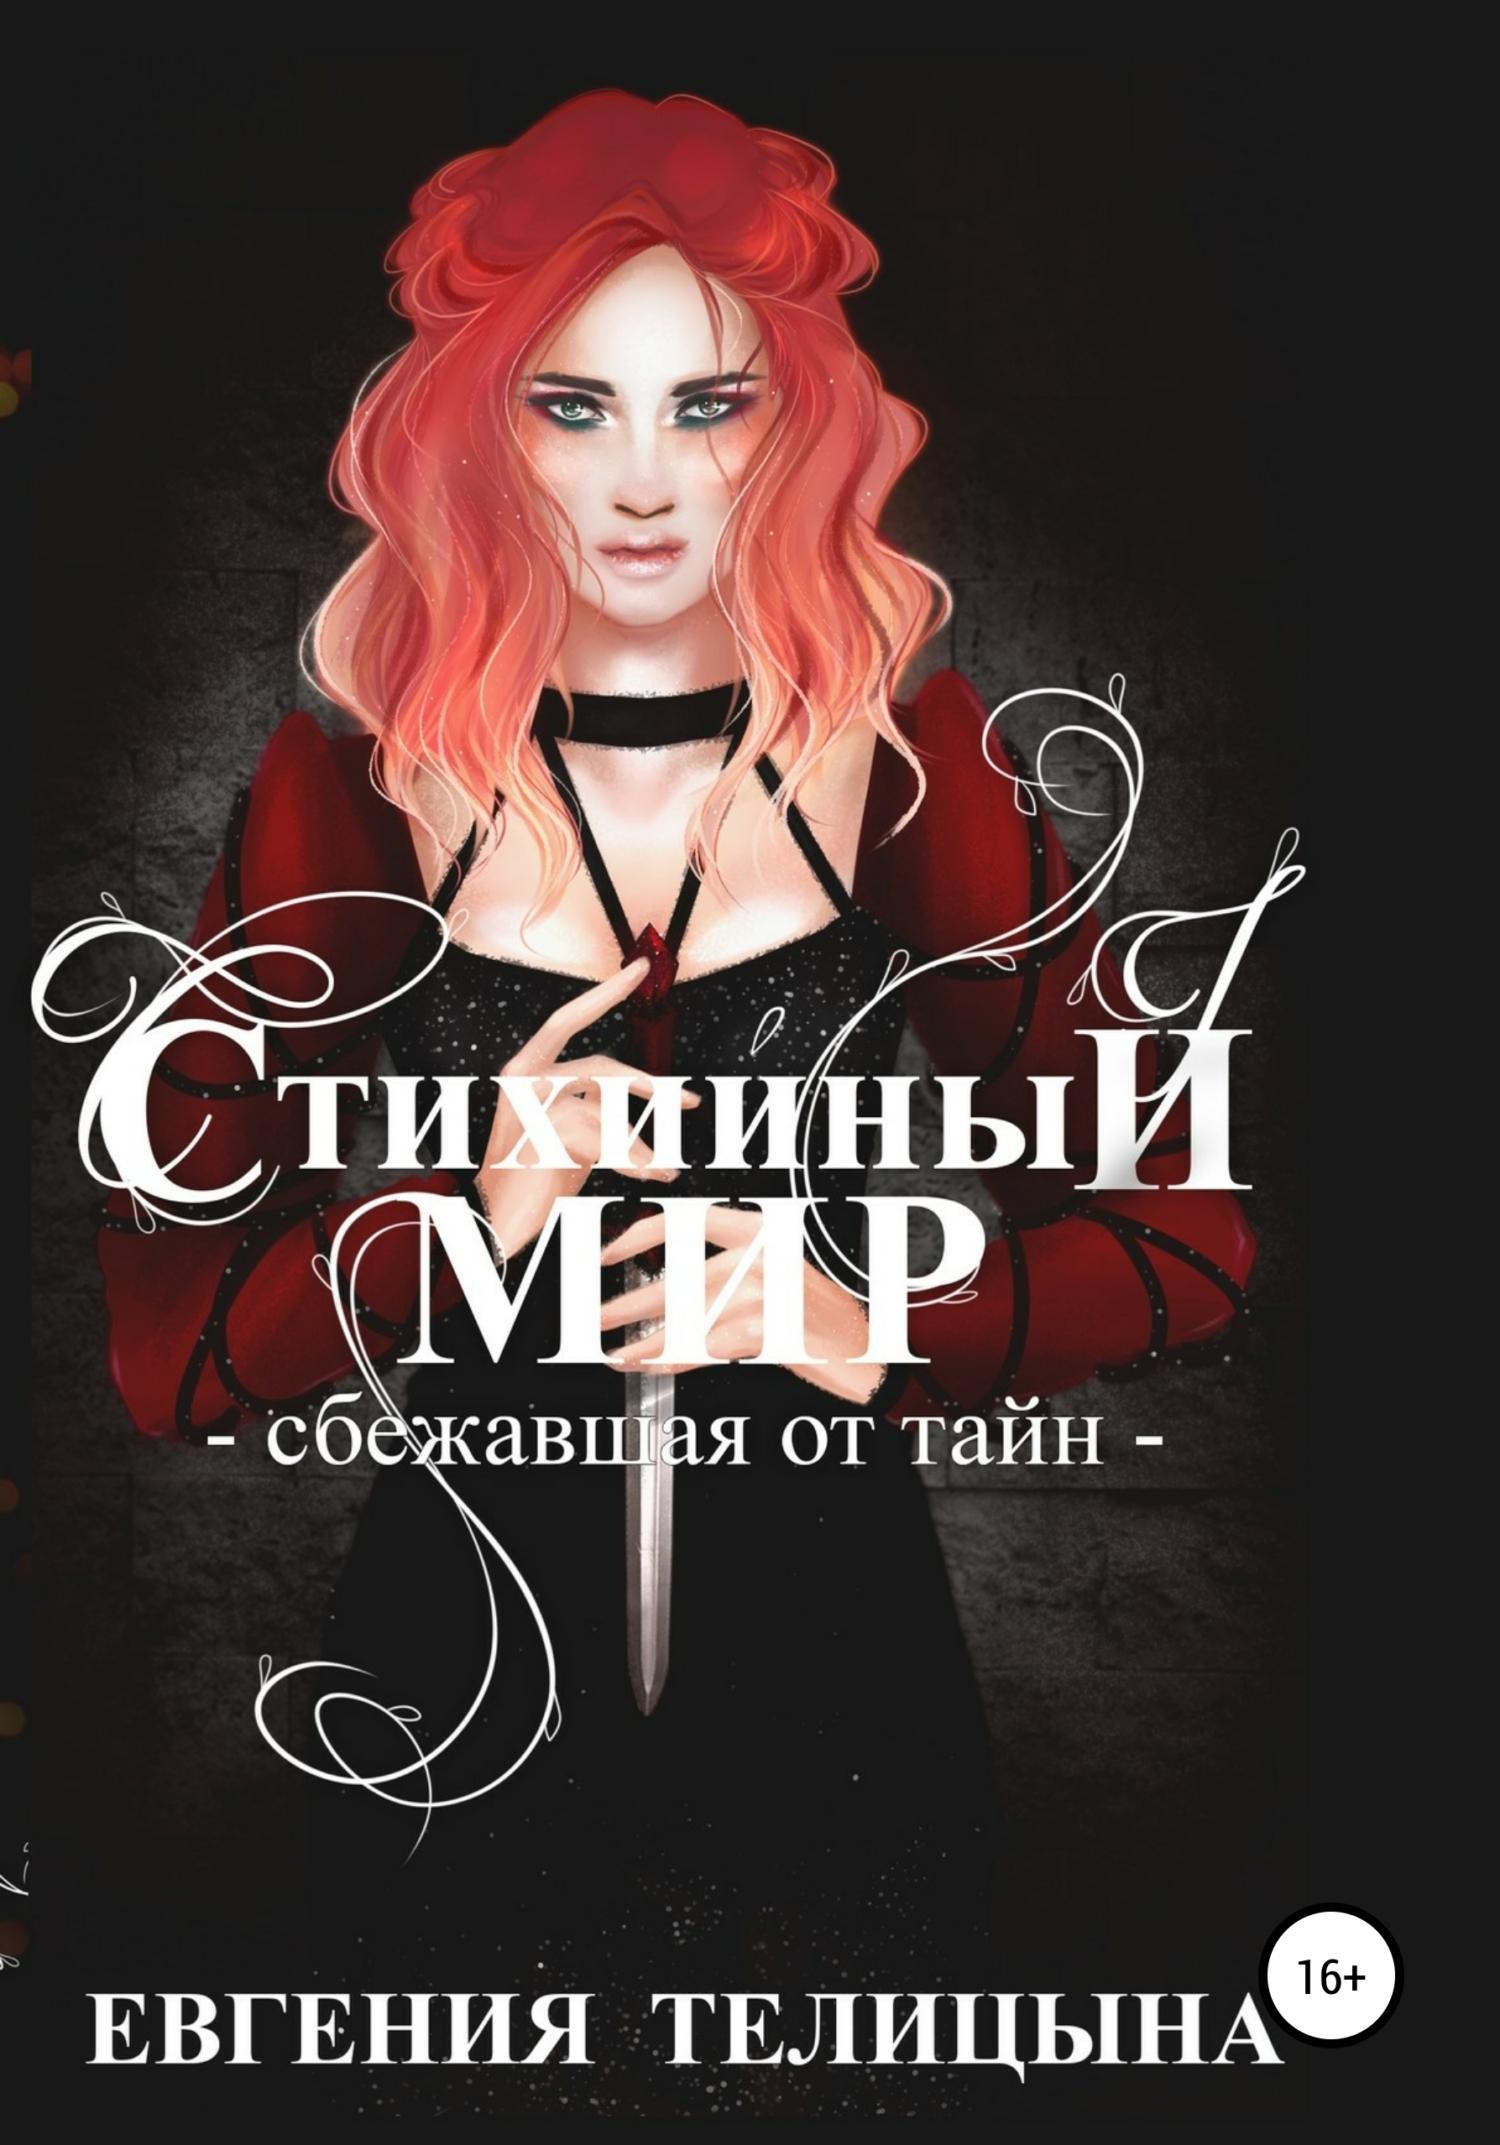 Евгения Телицына Стихийный мир. Иномирянка и вампиры цены онлайн